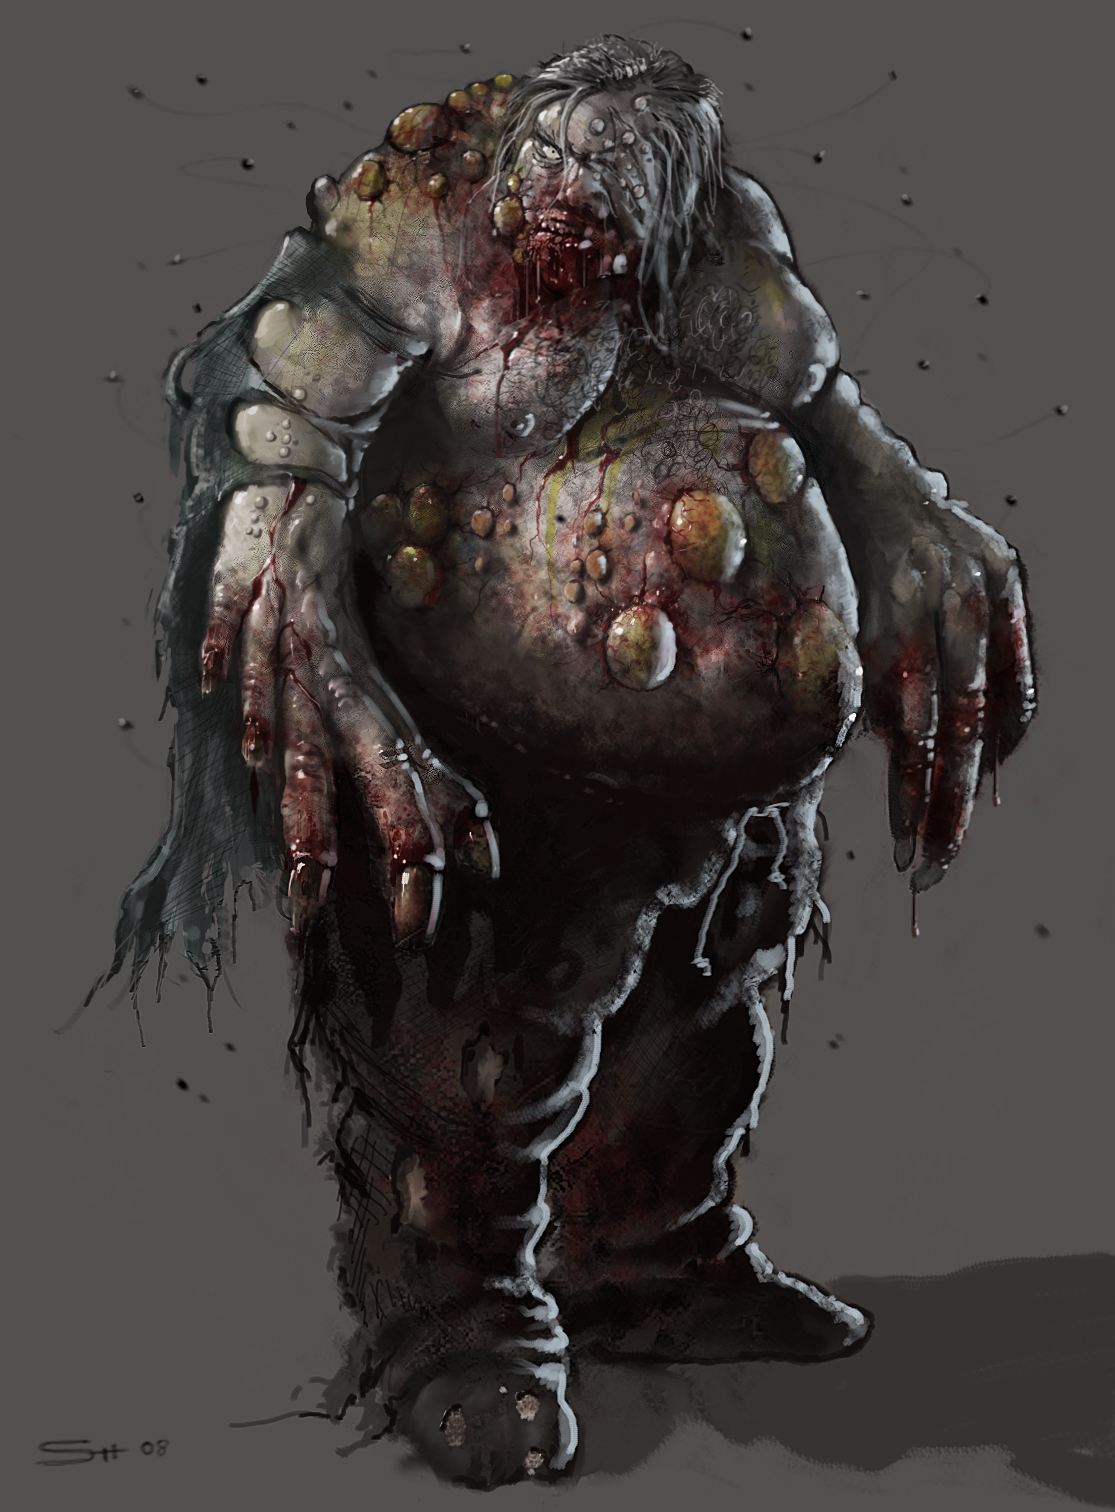 Zombie image - Left 4 Dead Concept Art Contest - Mod DB